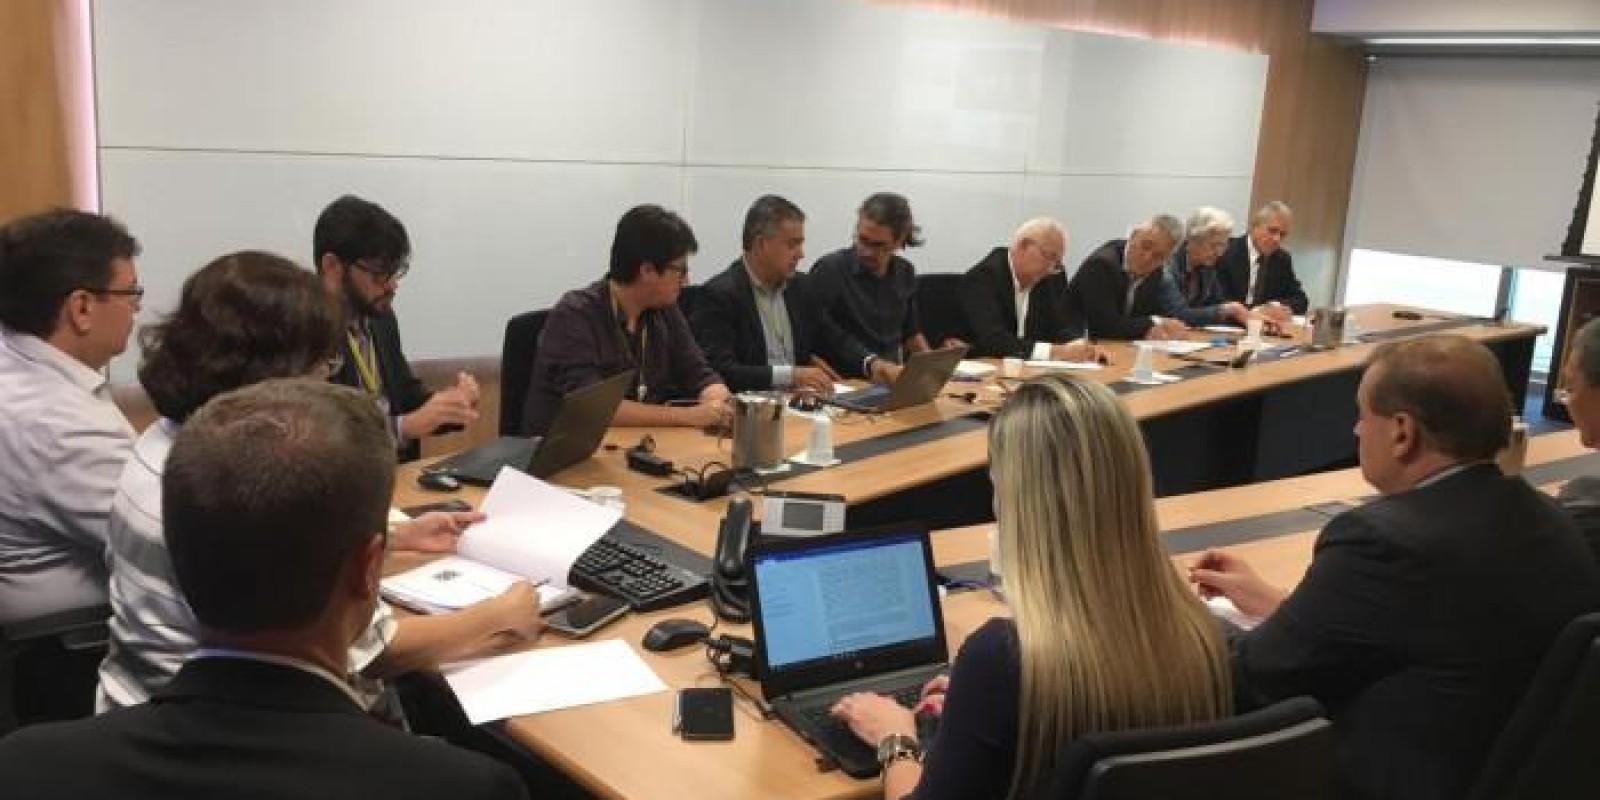 Entidades cobram mais dados da proposta para a Cassi e apresentam sugestões